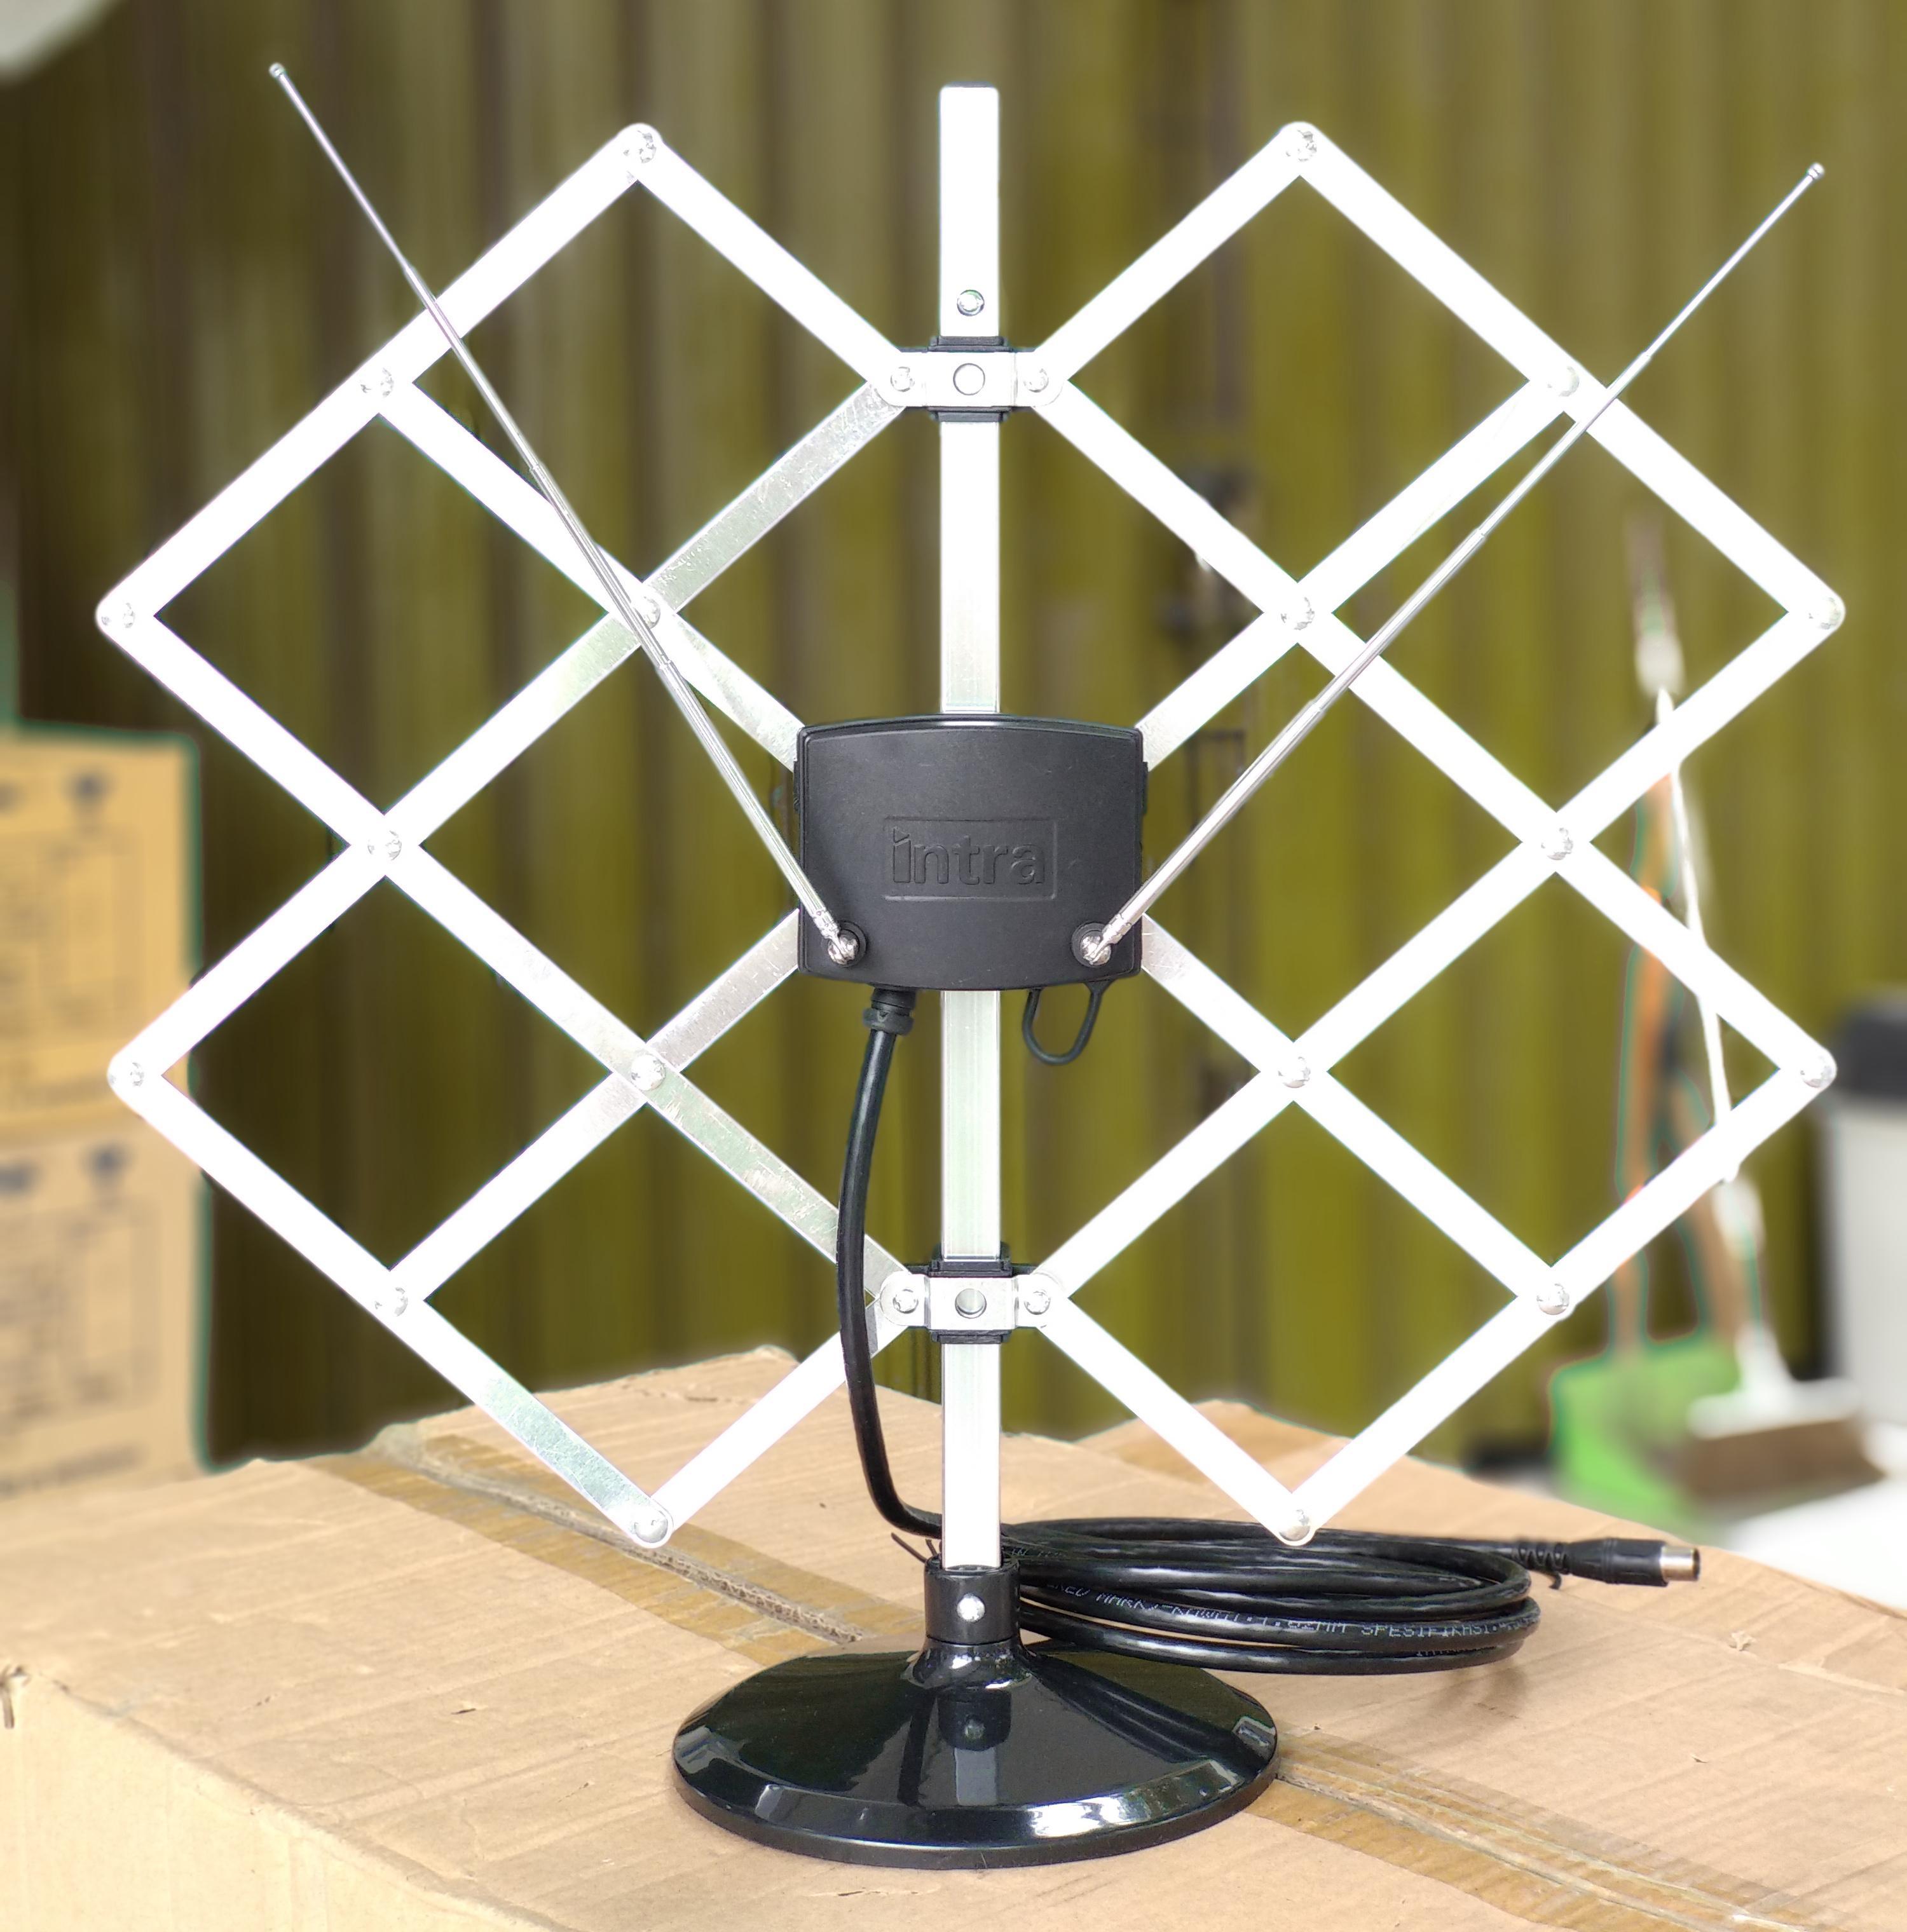 Antena Dalam Dan Luar Ruangan INTRA INT-D1 Analaog & Digital